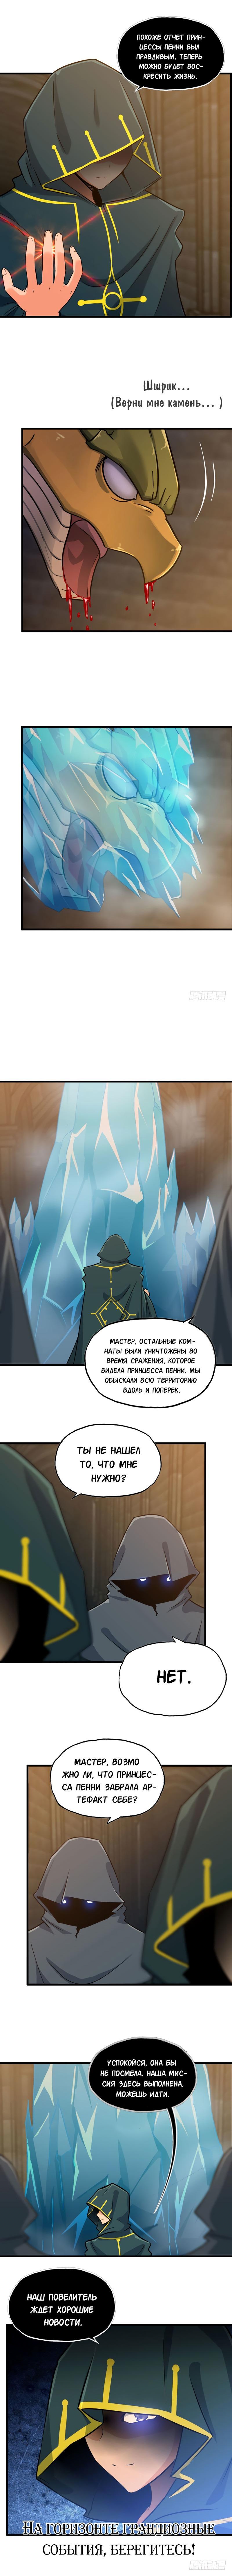 Манга Моя жена — королева демонов / My Wife is a Demon Queen  - Том 1 Глава 181 Страница 8